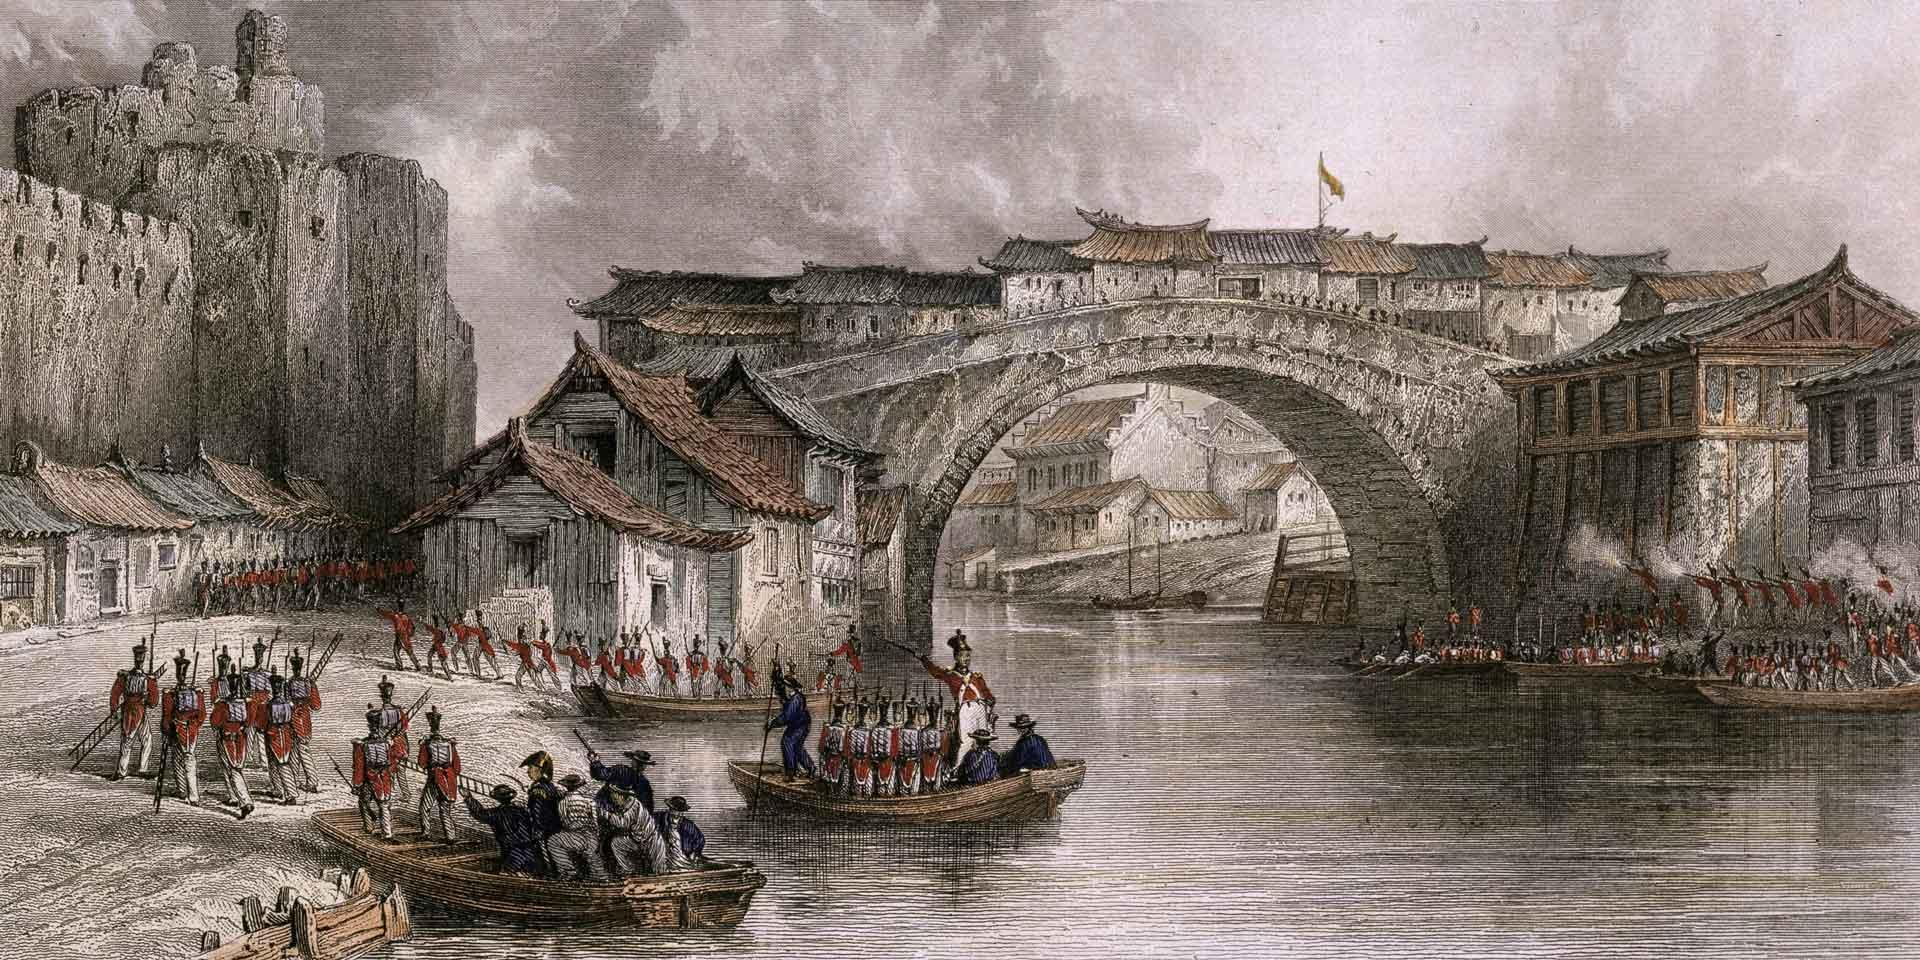 Troops landing at Chinkiang, China, July 1842